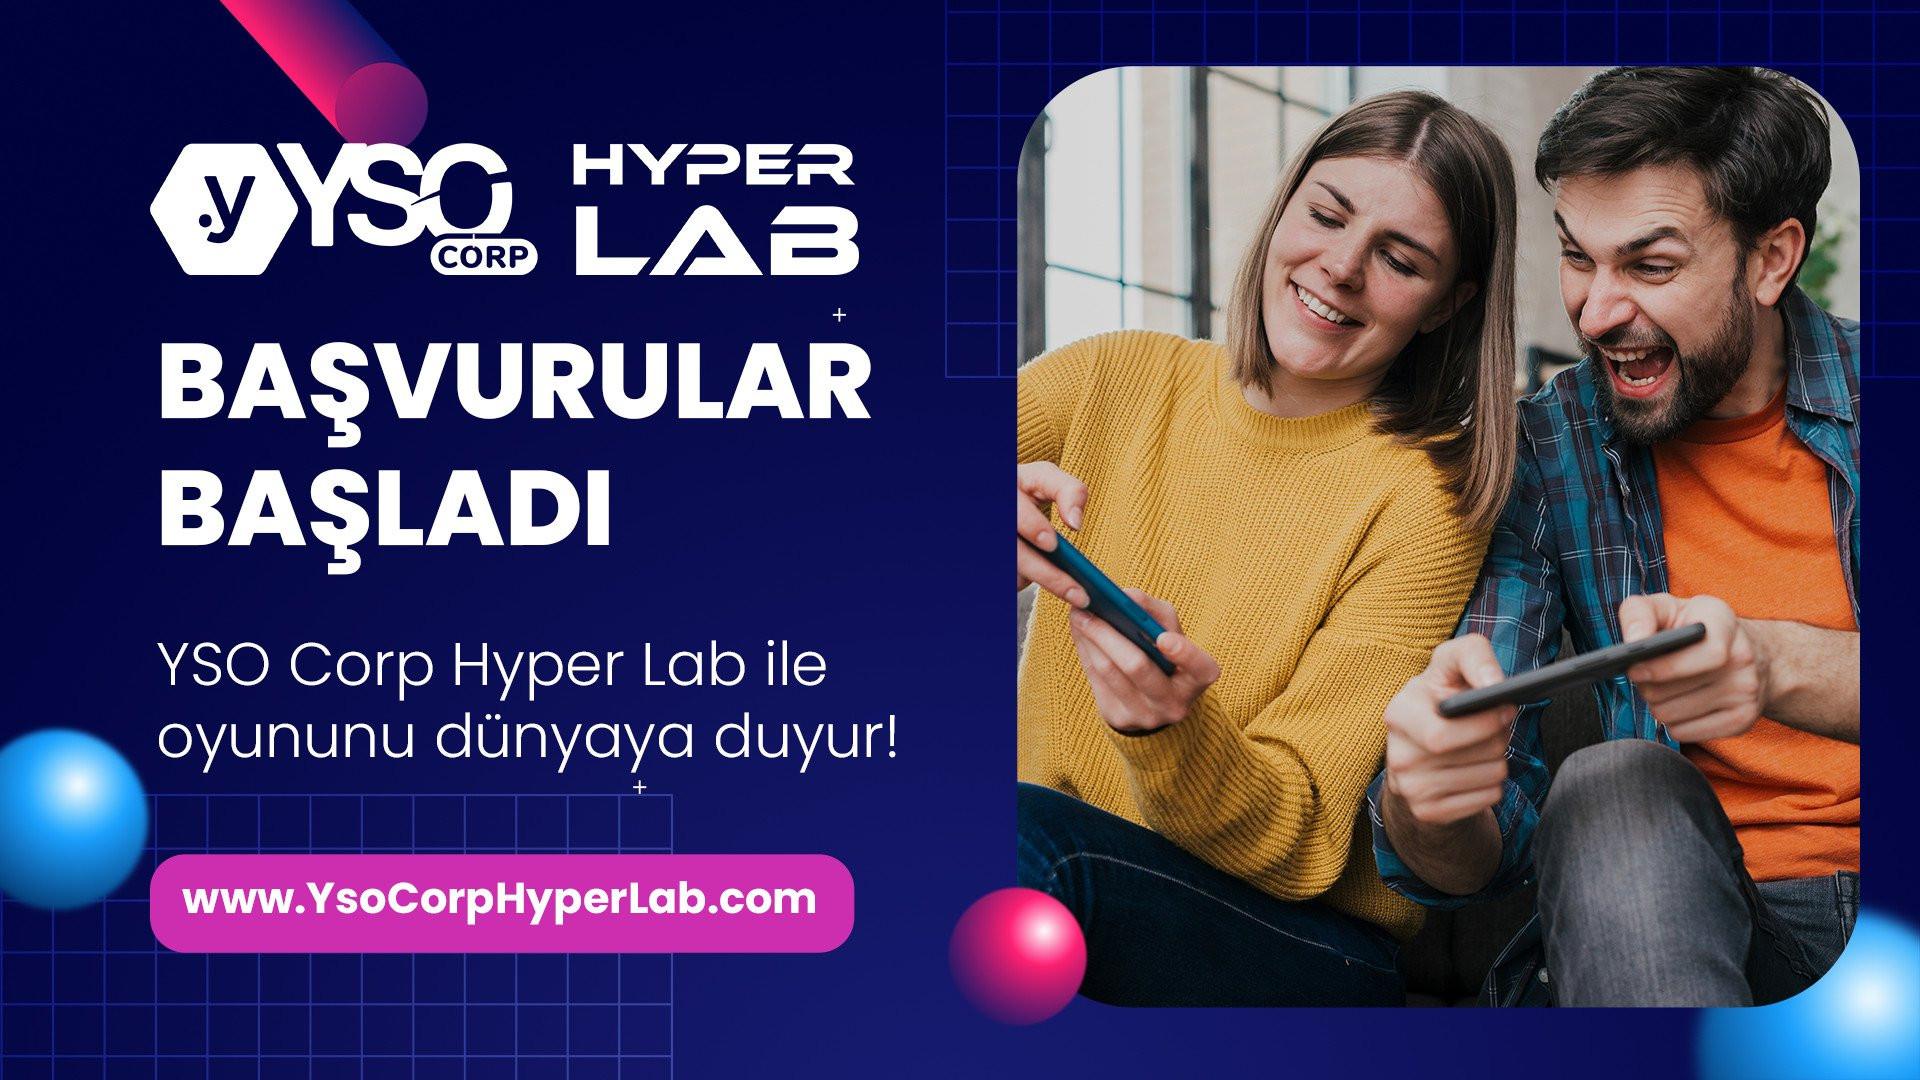 Oyun dünyasına uzanan en kısa yol: YSO Corp Hyper Lab